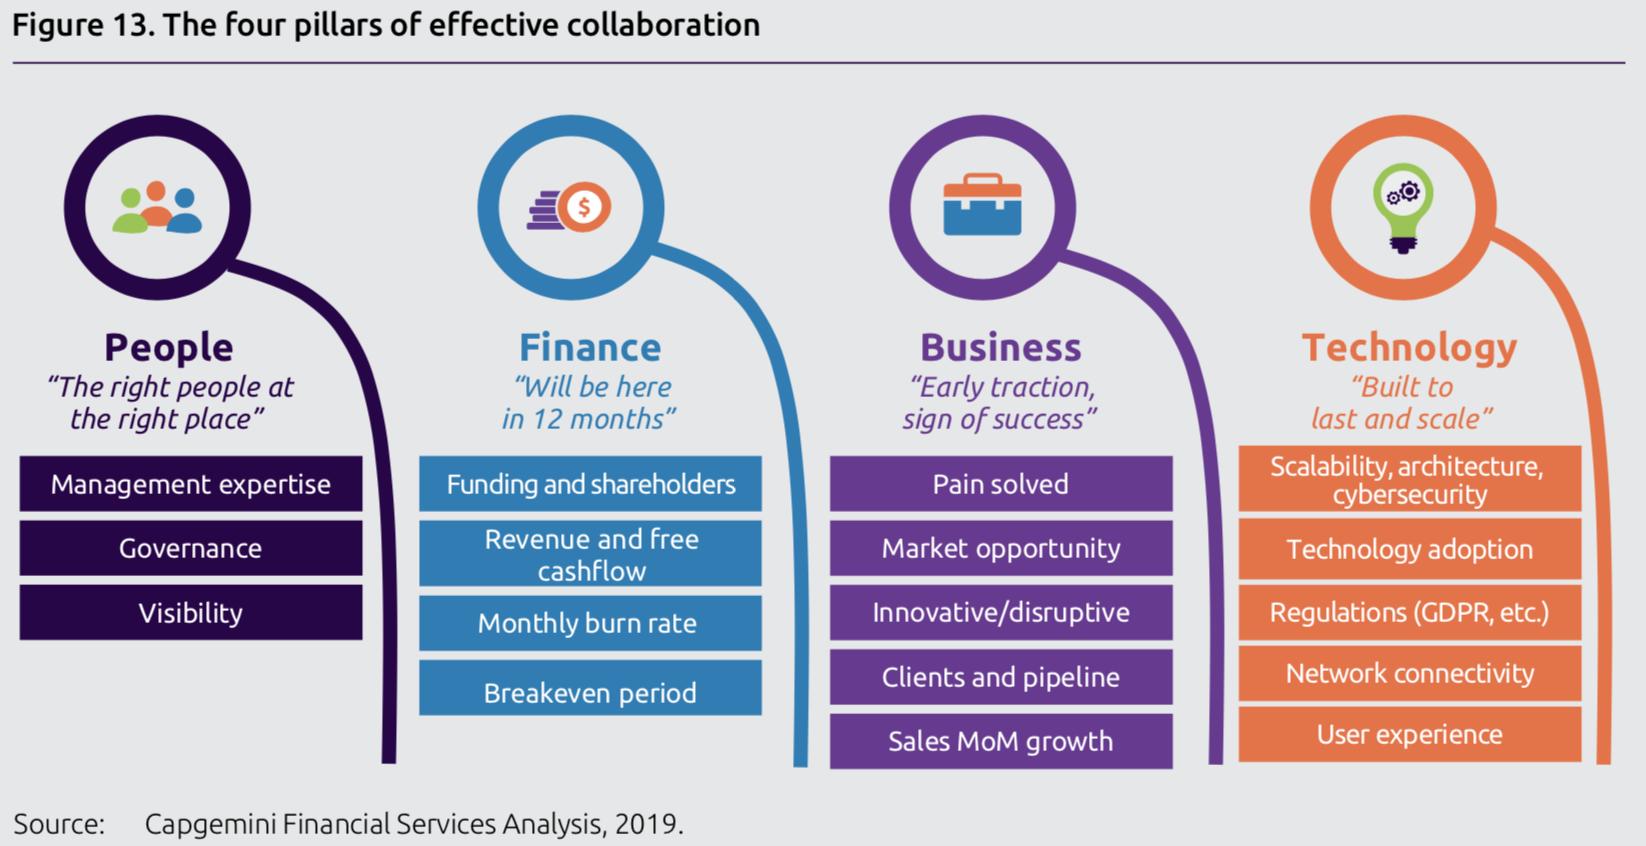 高效合作的四个因素